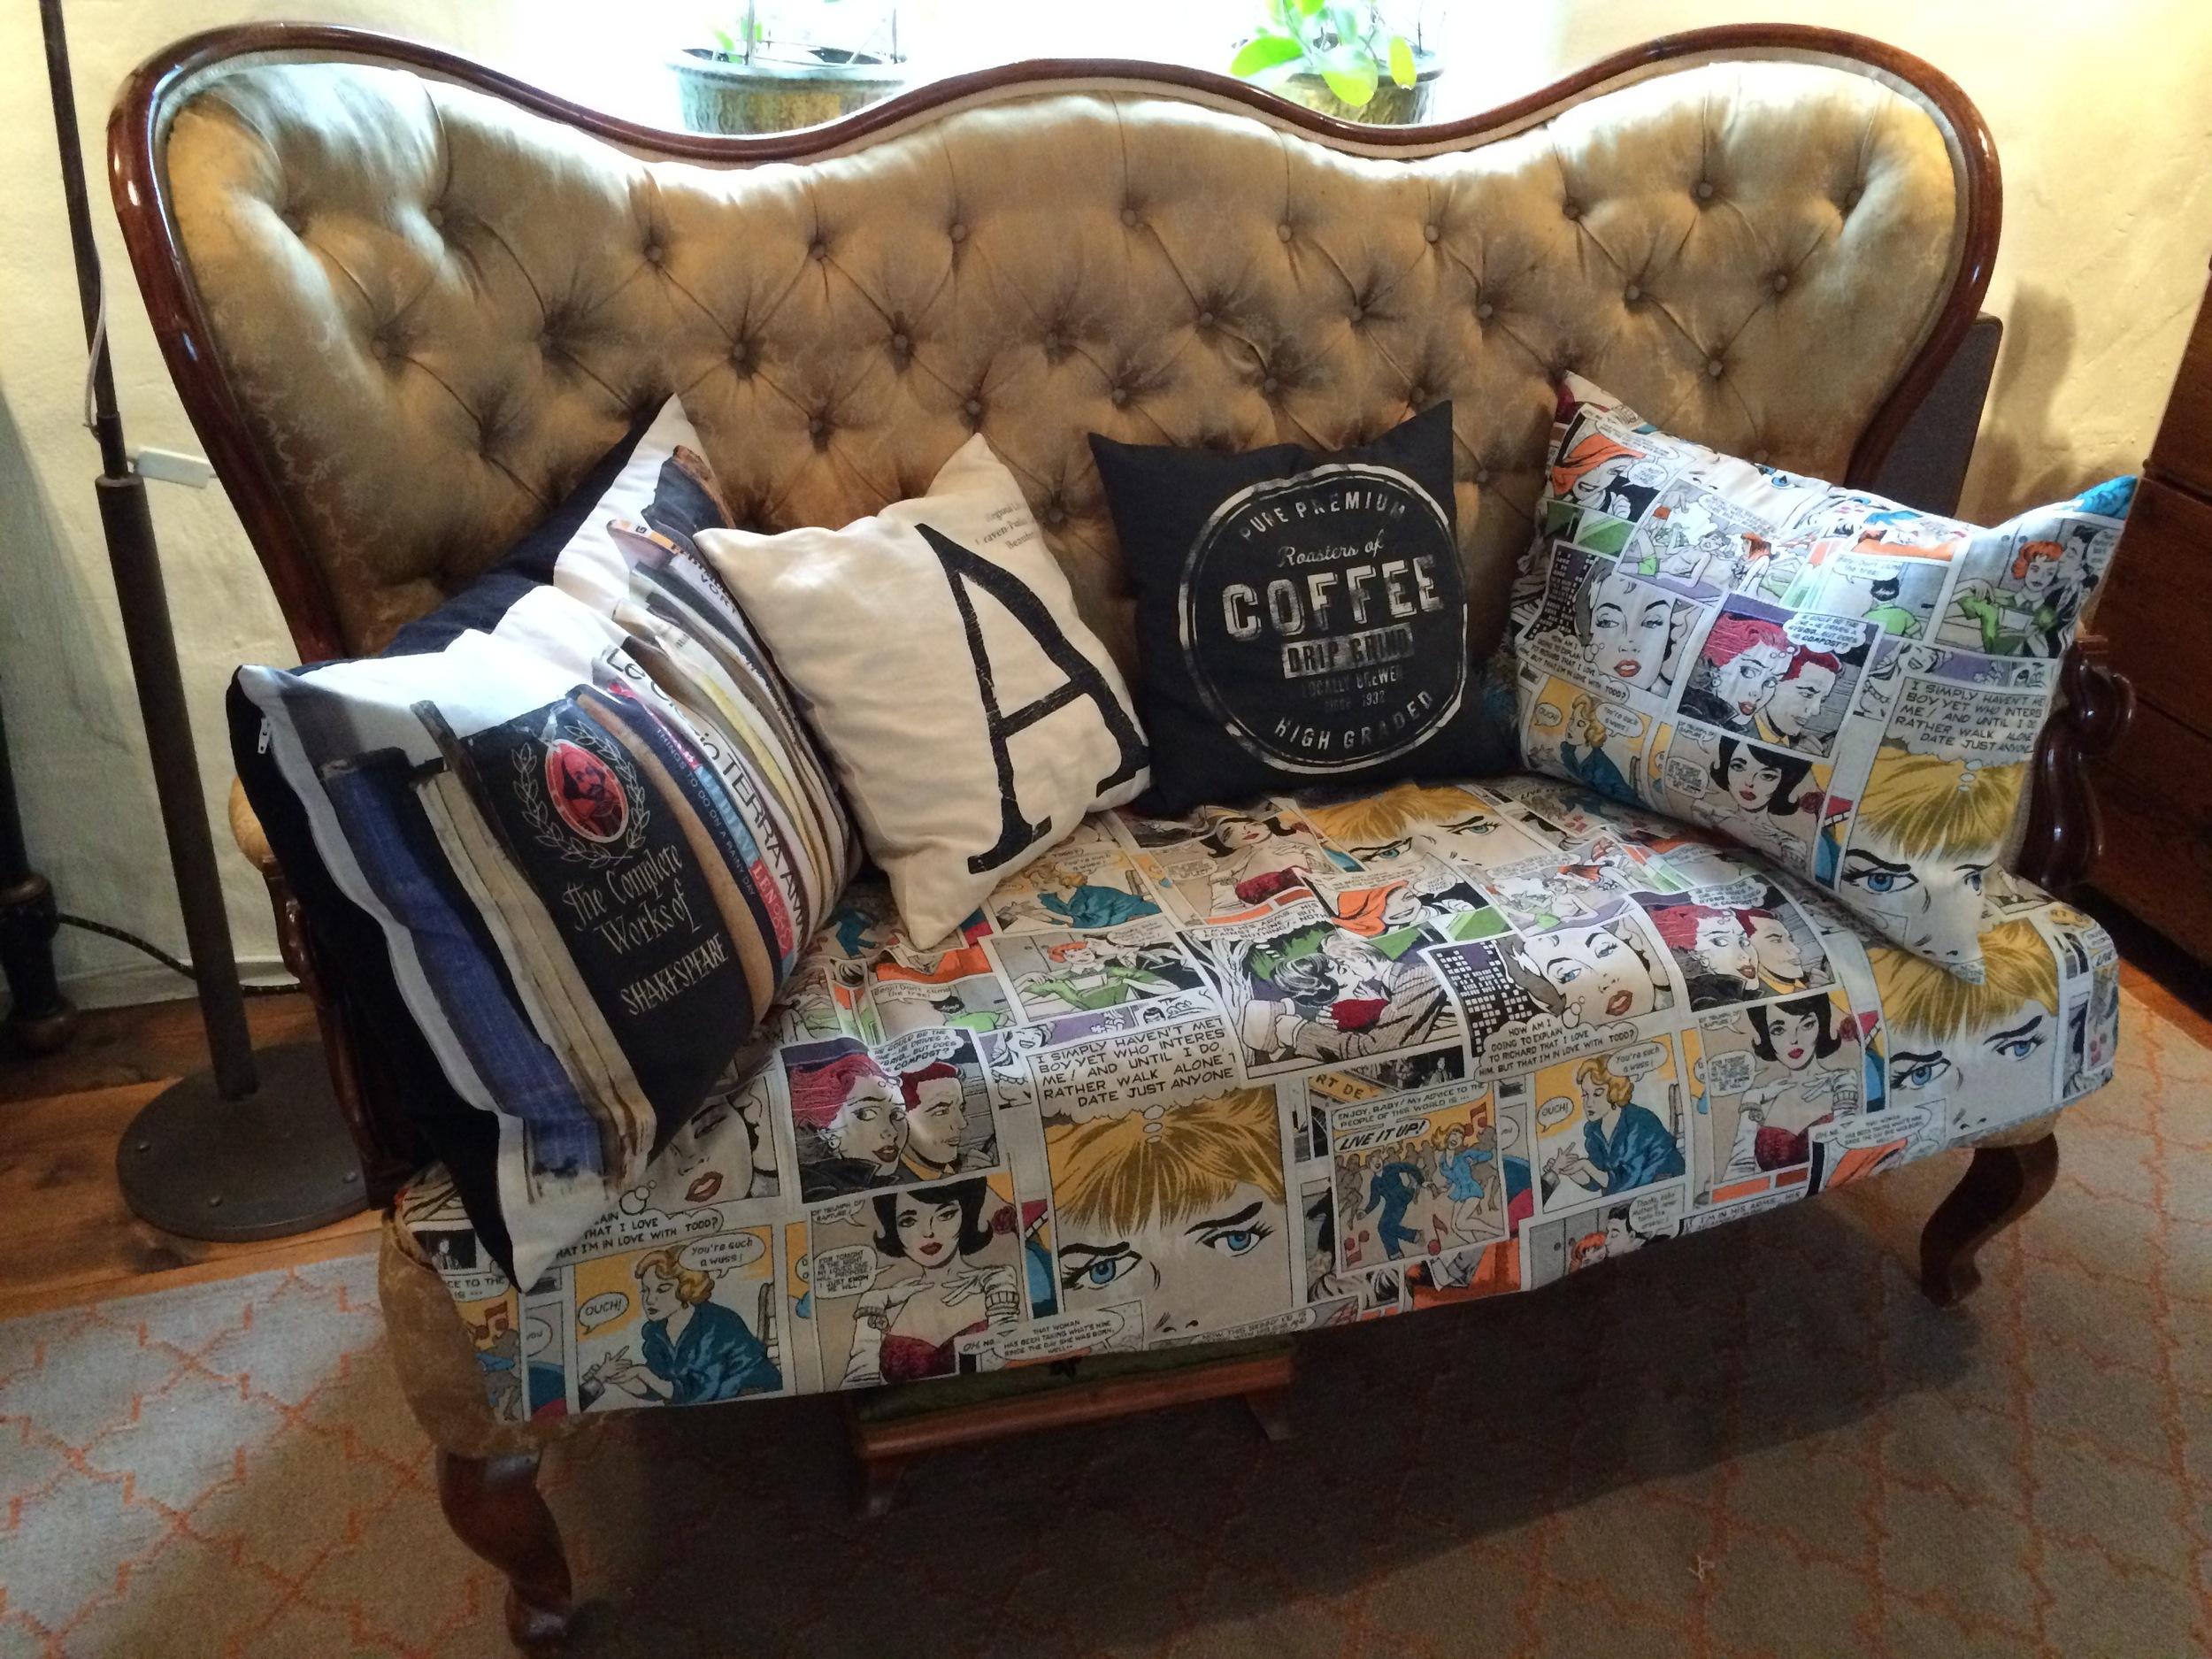 Den perfekta soffan för serieläsaren